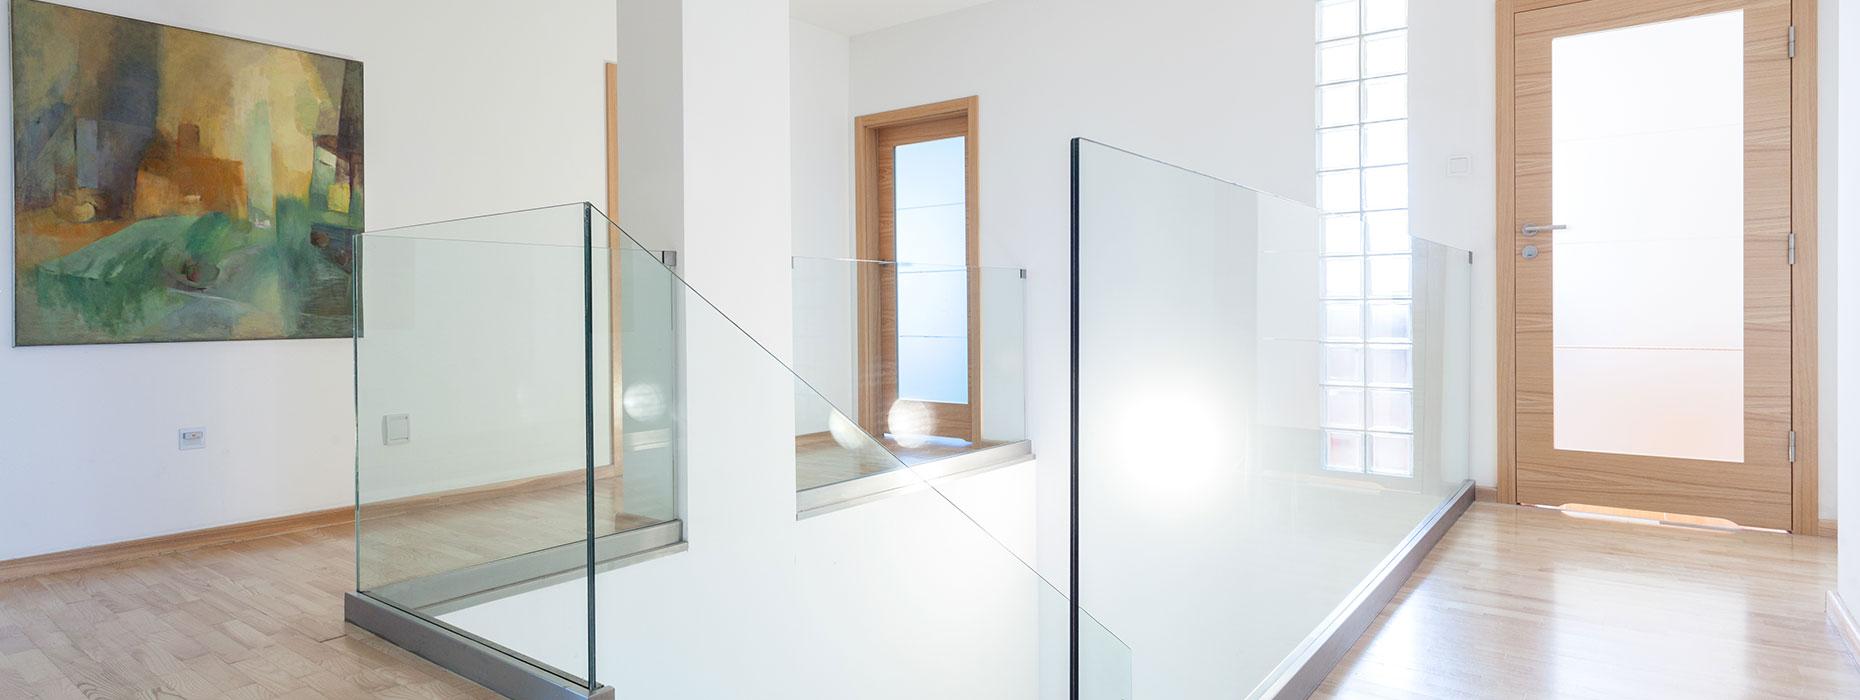 Pavimenti In Vetro Per Esterni parapetti in vetro - produzione e posa di parapetti in vetro